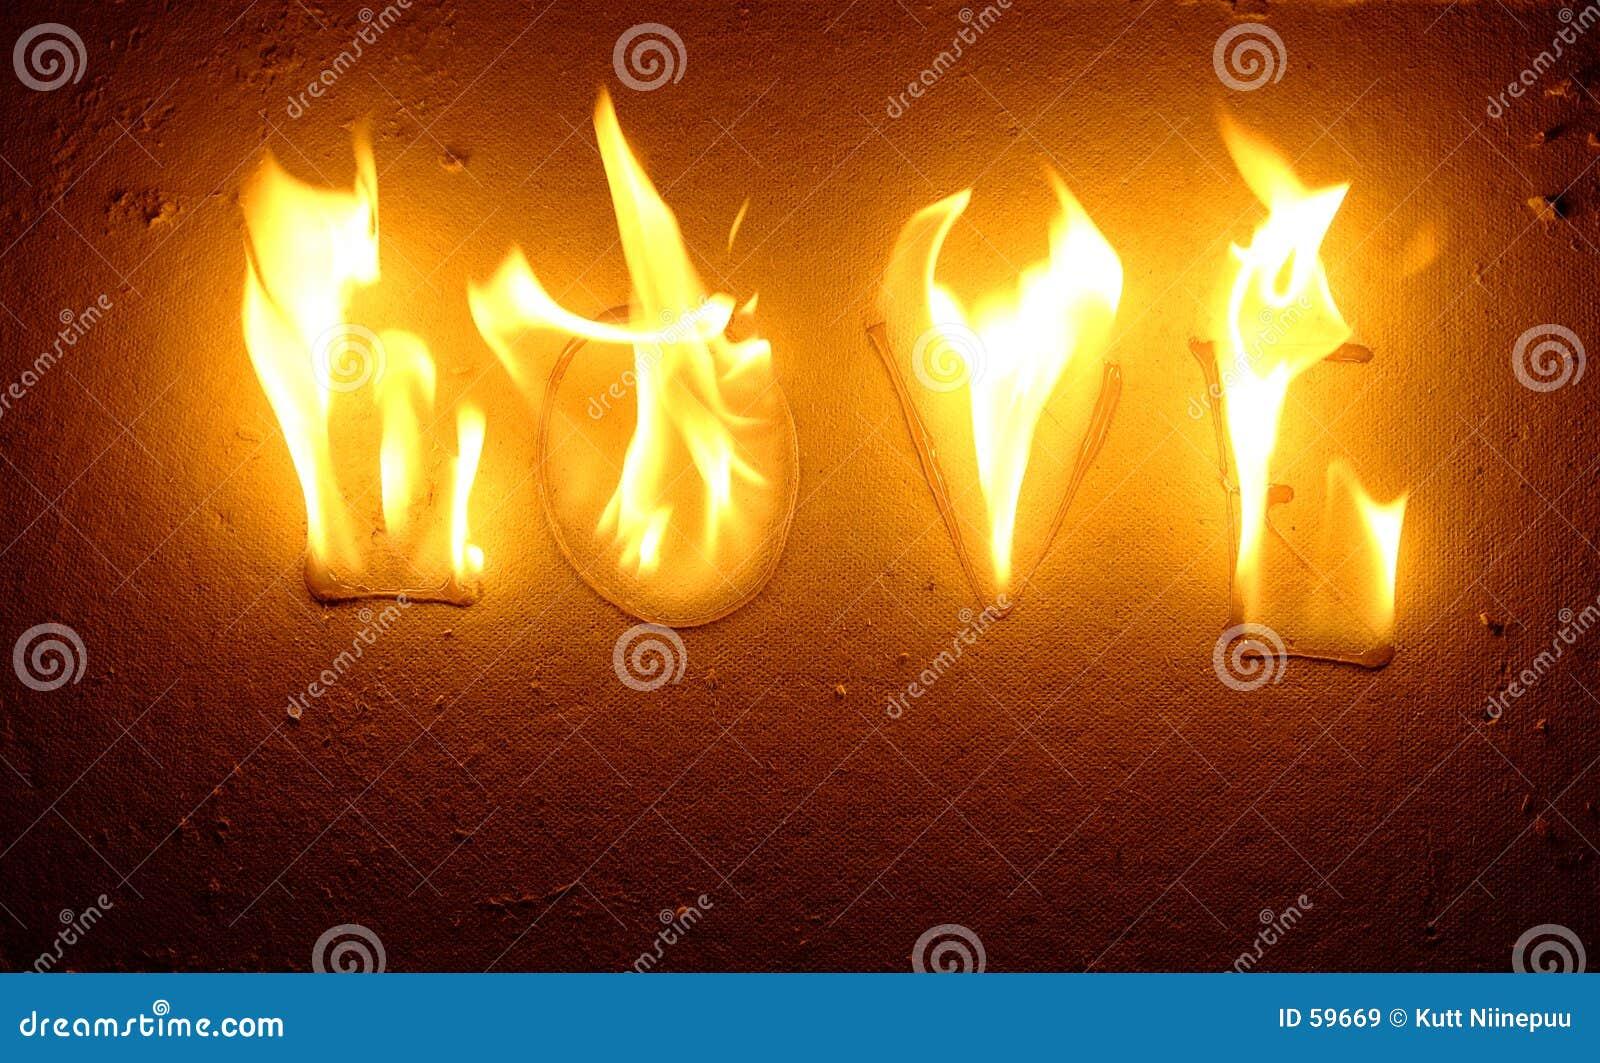 Download Amour brûlant image stock. Image du diable, amour, passion - 59669